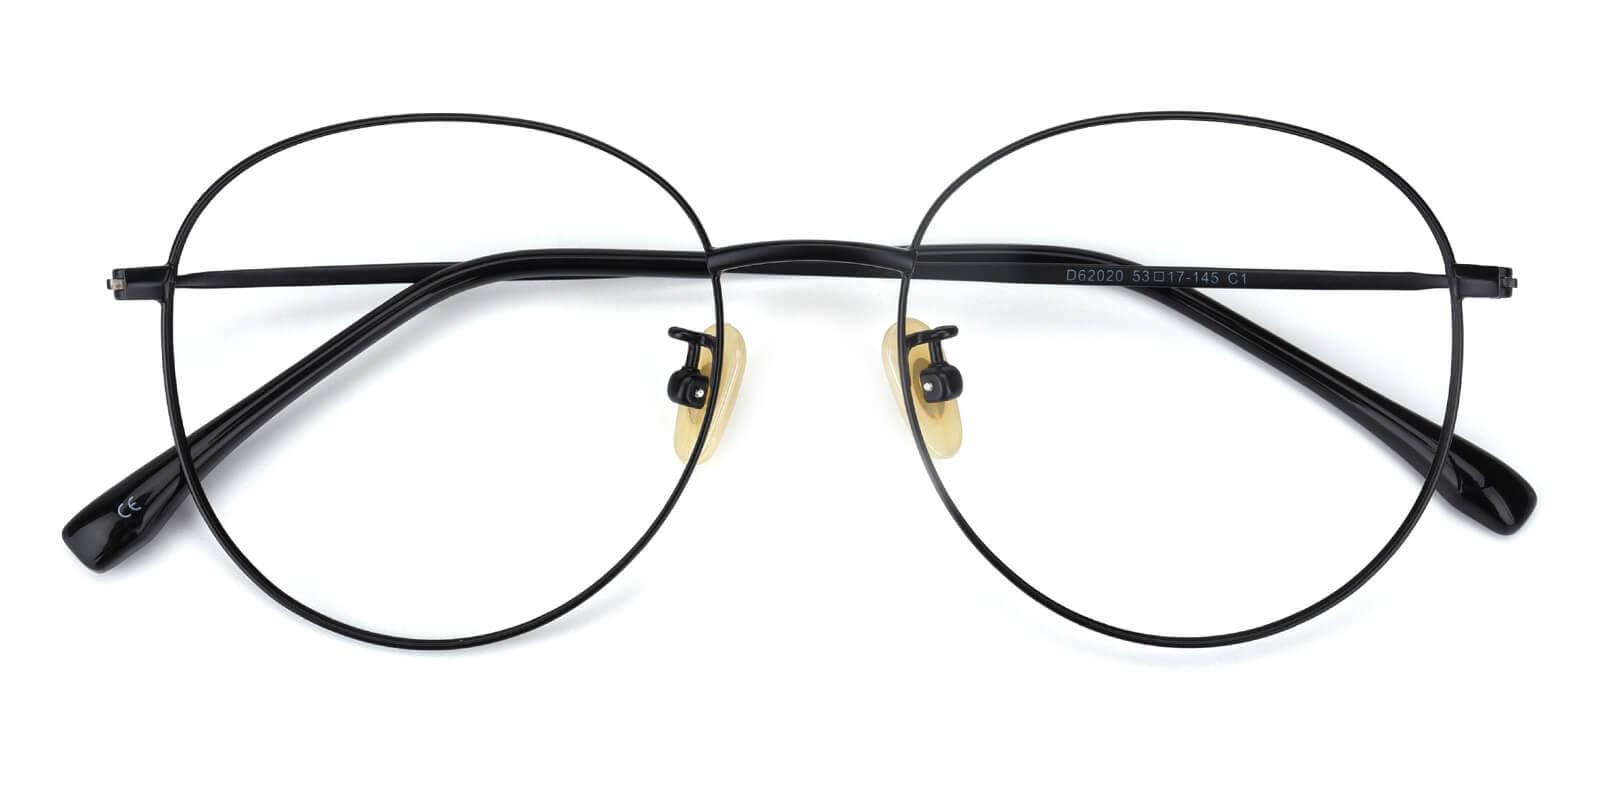 Mondigo-Black-Round-Titanium-Eyeglasses-detail